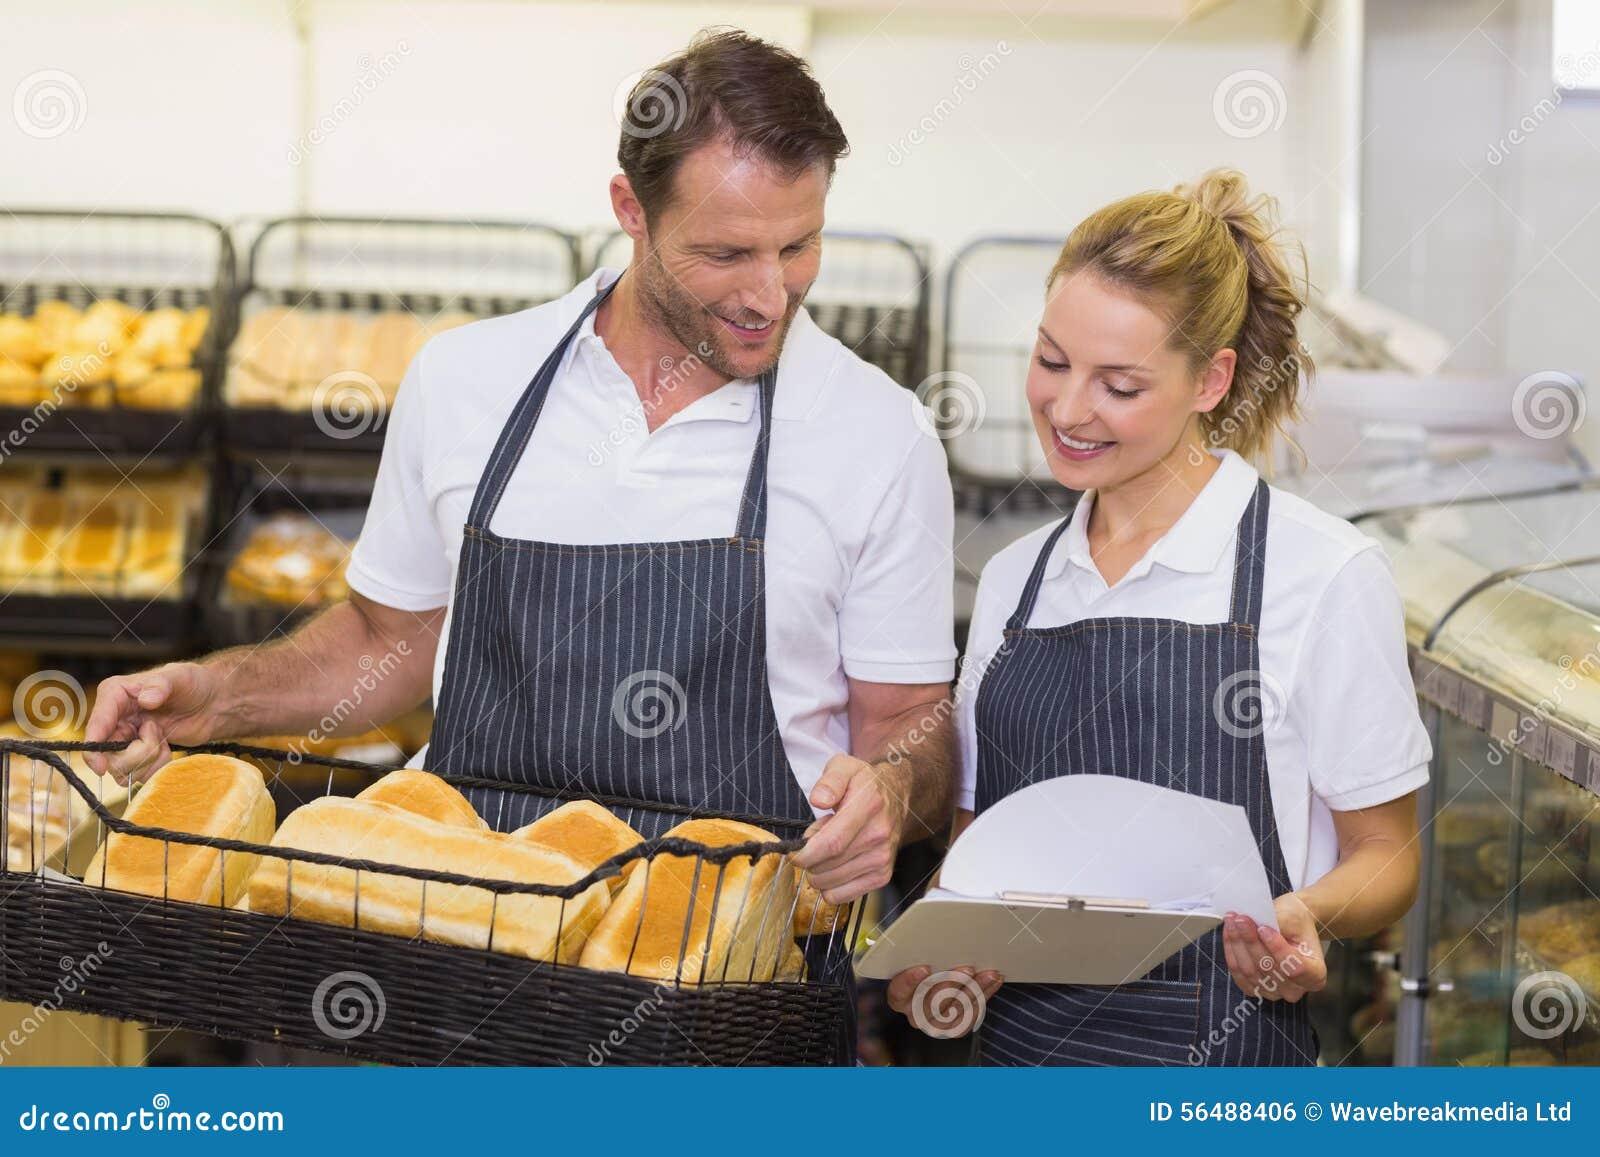 Boulangers de sourire regardant le bloc-notes et tenir un panier avec du pain